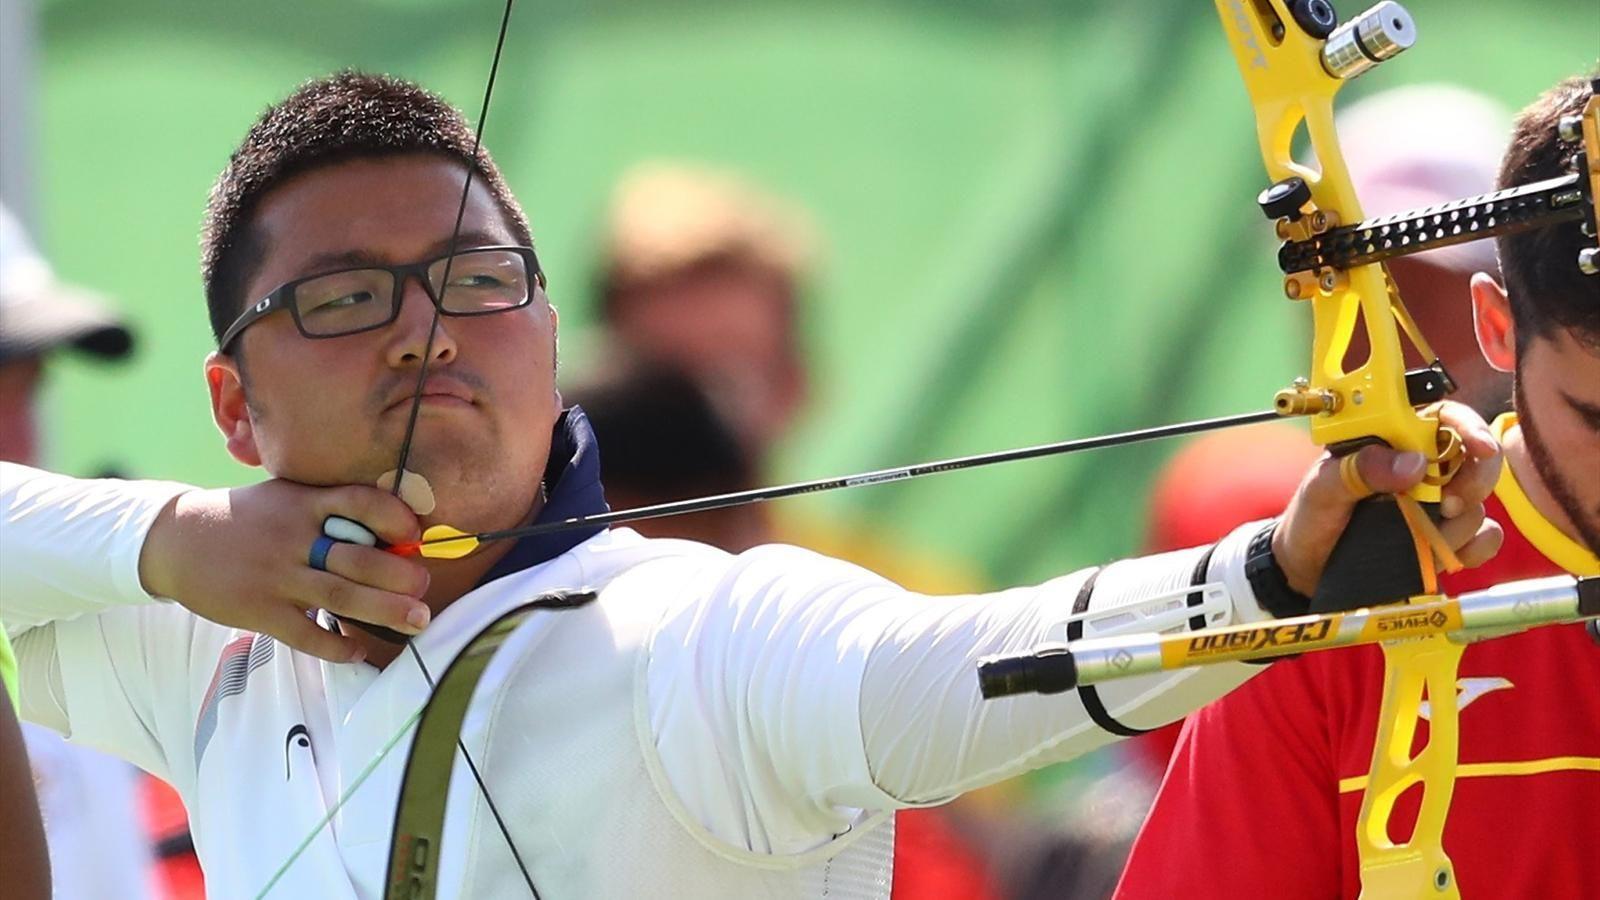 RIO 2016 Brilliant Kim sets 72arrow world record http